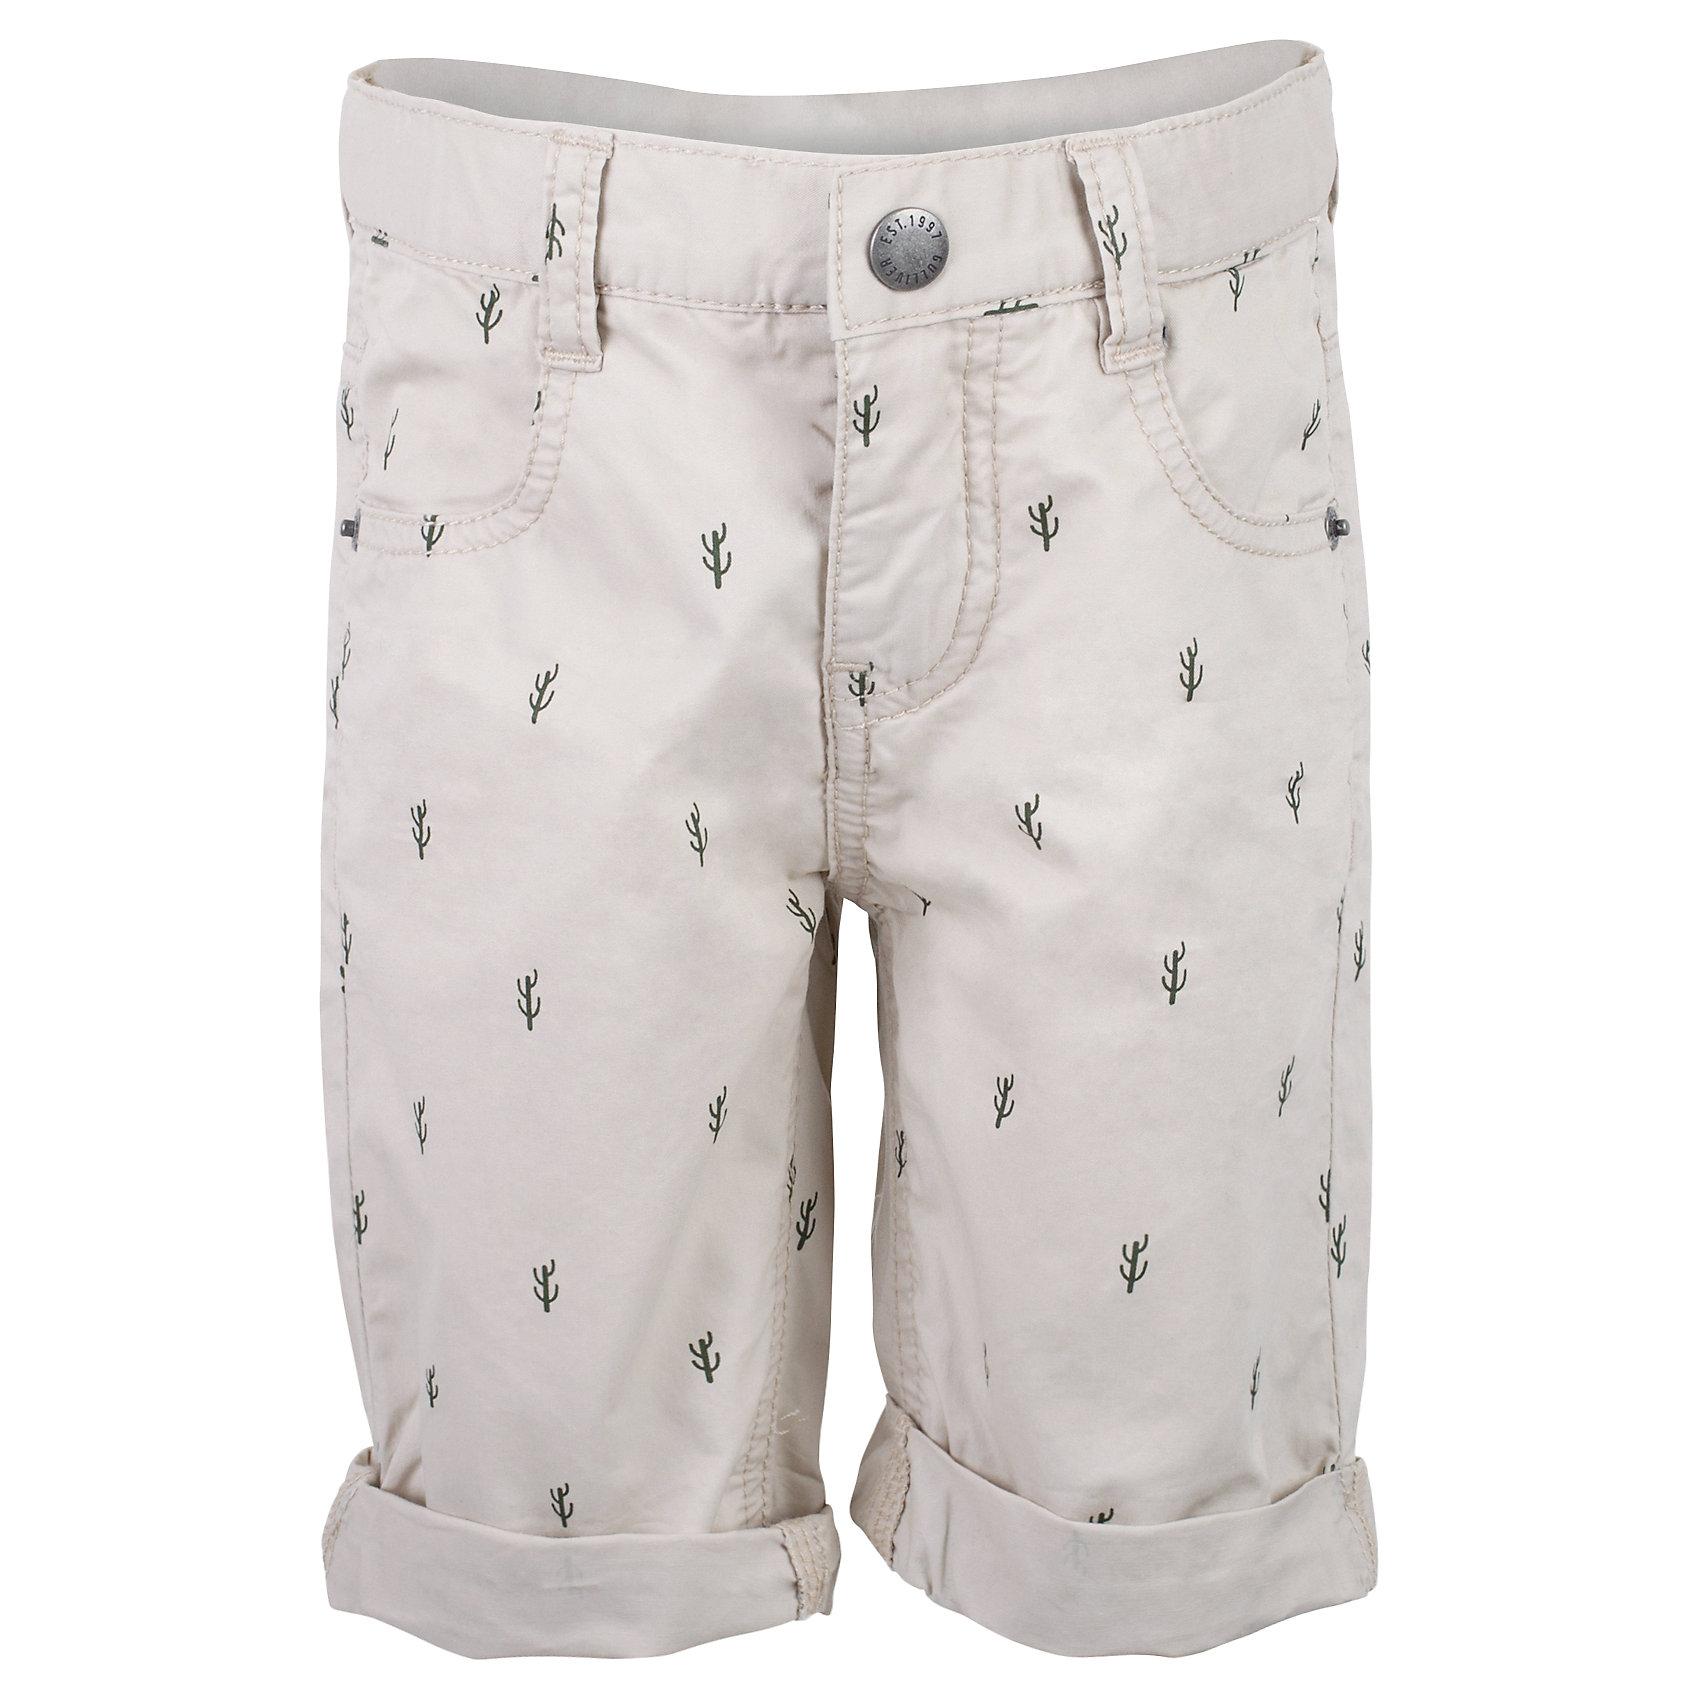 Шорты для мальчика GulliverШорты, бриджи, капри<br>Несмотря на то, что джинсовые шорты по-прежнему занимают в гардеробе ребенка лидирующее место, текстильные шорты для мальчика никто не отменял! Если хочется новизны и разнообразия, оригинальные бежевые шорты помогут создать прекрасный летний look. Модный мелкий рисунок из коллекции Аризона придает модели особый шарм. Бежевый цвет выглядит нарядно, благородно, изысканно! Если вы хотите купить детские шорты, которые подчеркнут стиль и индивидуальность вашего малыша, эти классные шорты для мальчика с фирменной брендированной фурнитурой - лучшее решение для модного лета!<br>Состав:<br>100% хлопок<br><br>Ширина мм: 191<br>Глубина мм: 10<br>Высота мм: 175<br>Вес г: 273<br>Цвет: бежевый<br>Возраст от месяцев: 36<br>Возраст до месяцев: 48<br>Пол: Мужской<br>Возраст: Детский<br>Размер: 104,98,116,110<br>SKU: 5483831